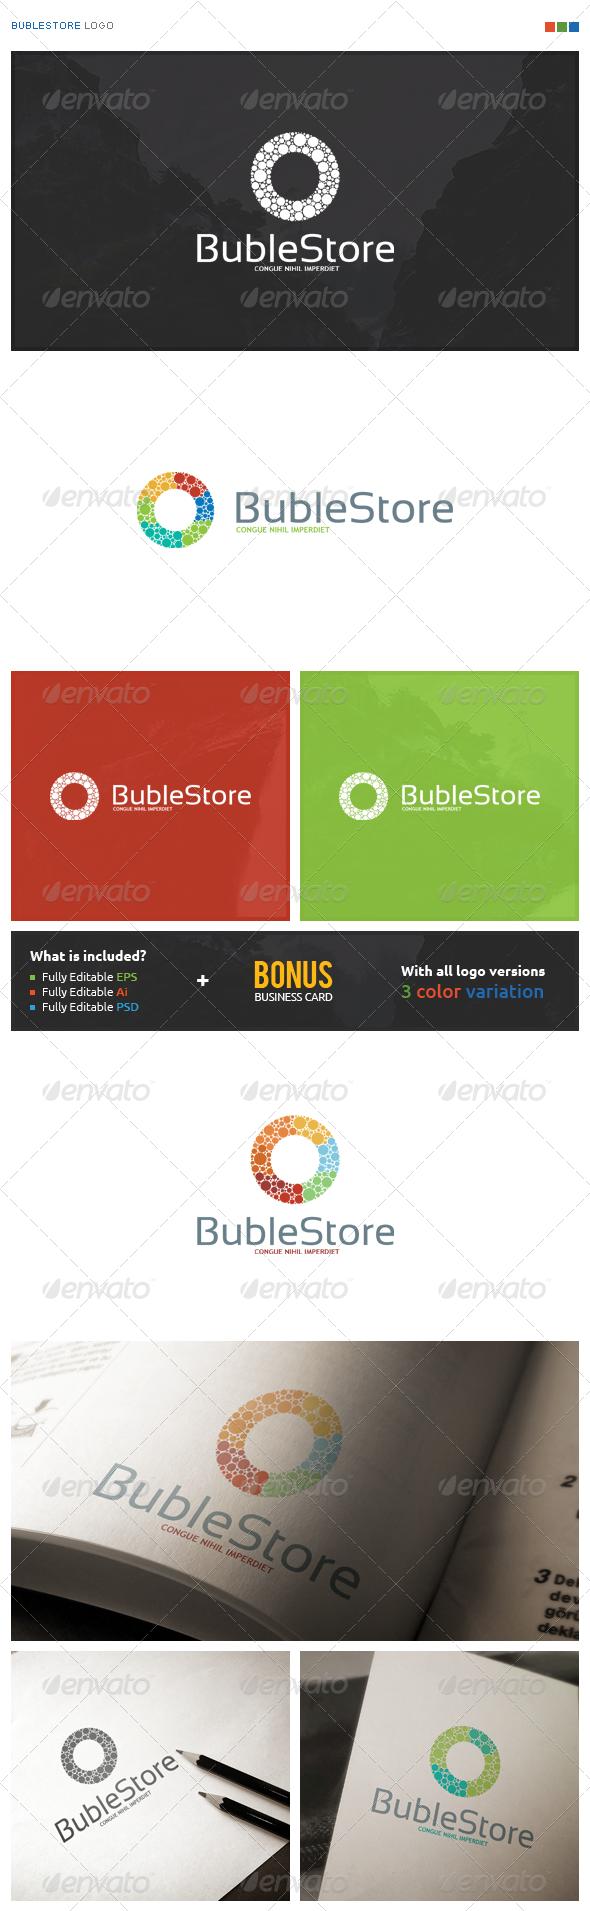 BubleStore Logo